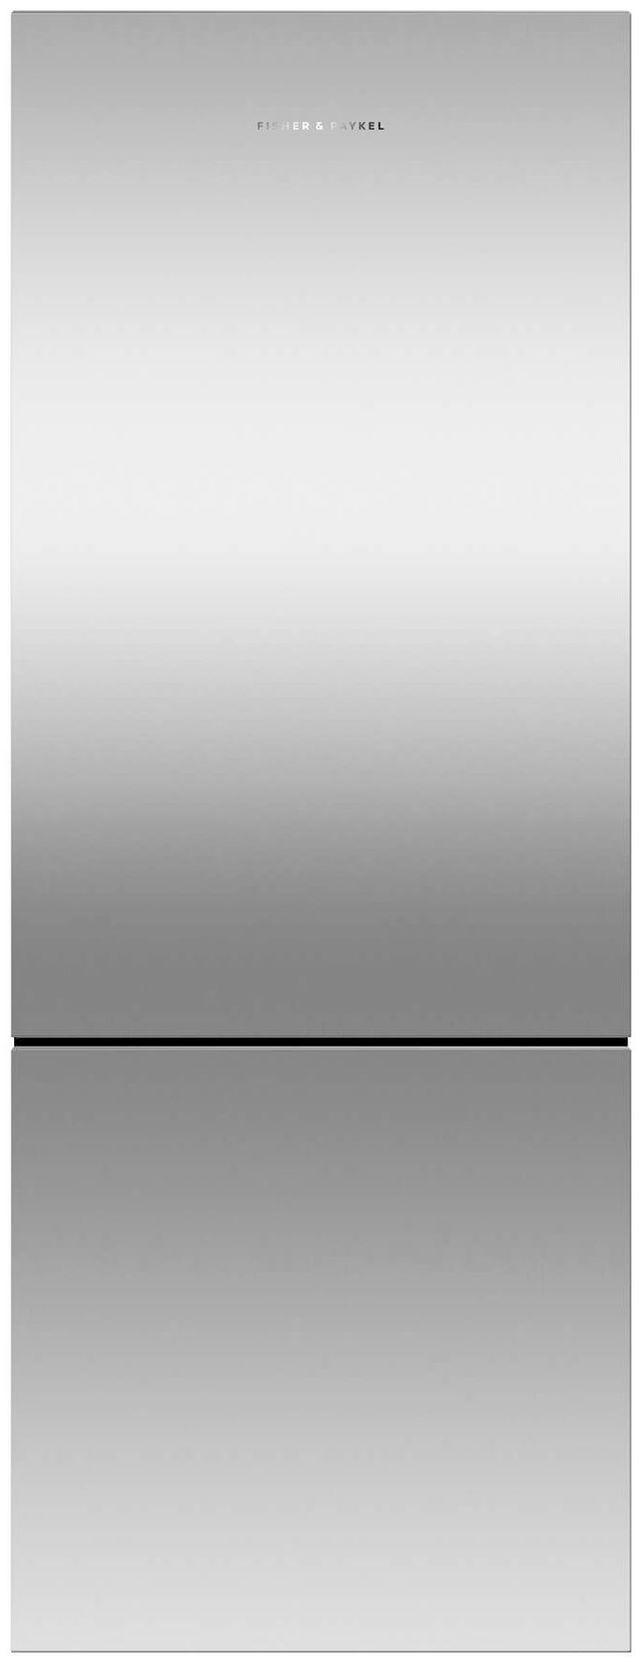 Réfrigérateur à congélateur inférieur à profondeur de comptoir de 24 po Fisher Paykel® de 13,4 pi³ - Acier inoxydable-RF135BRPX6 N